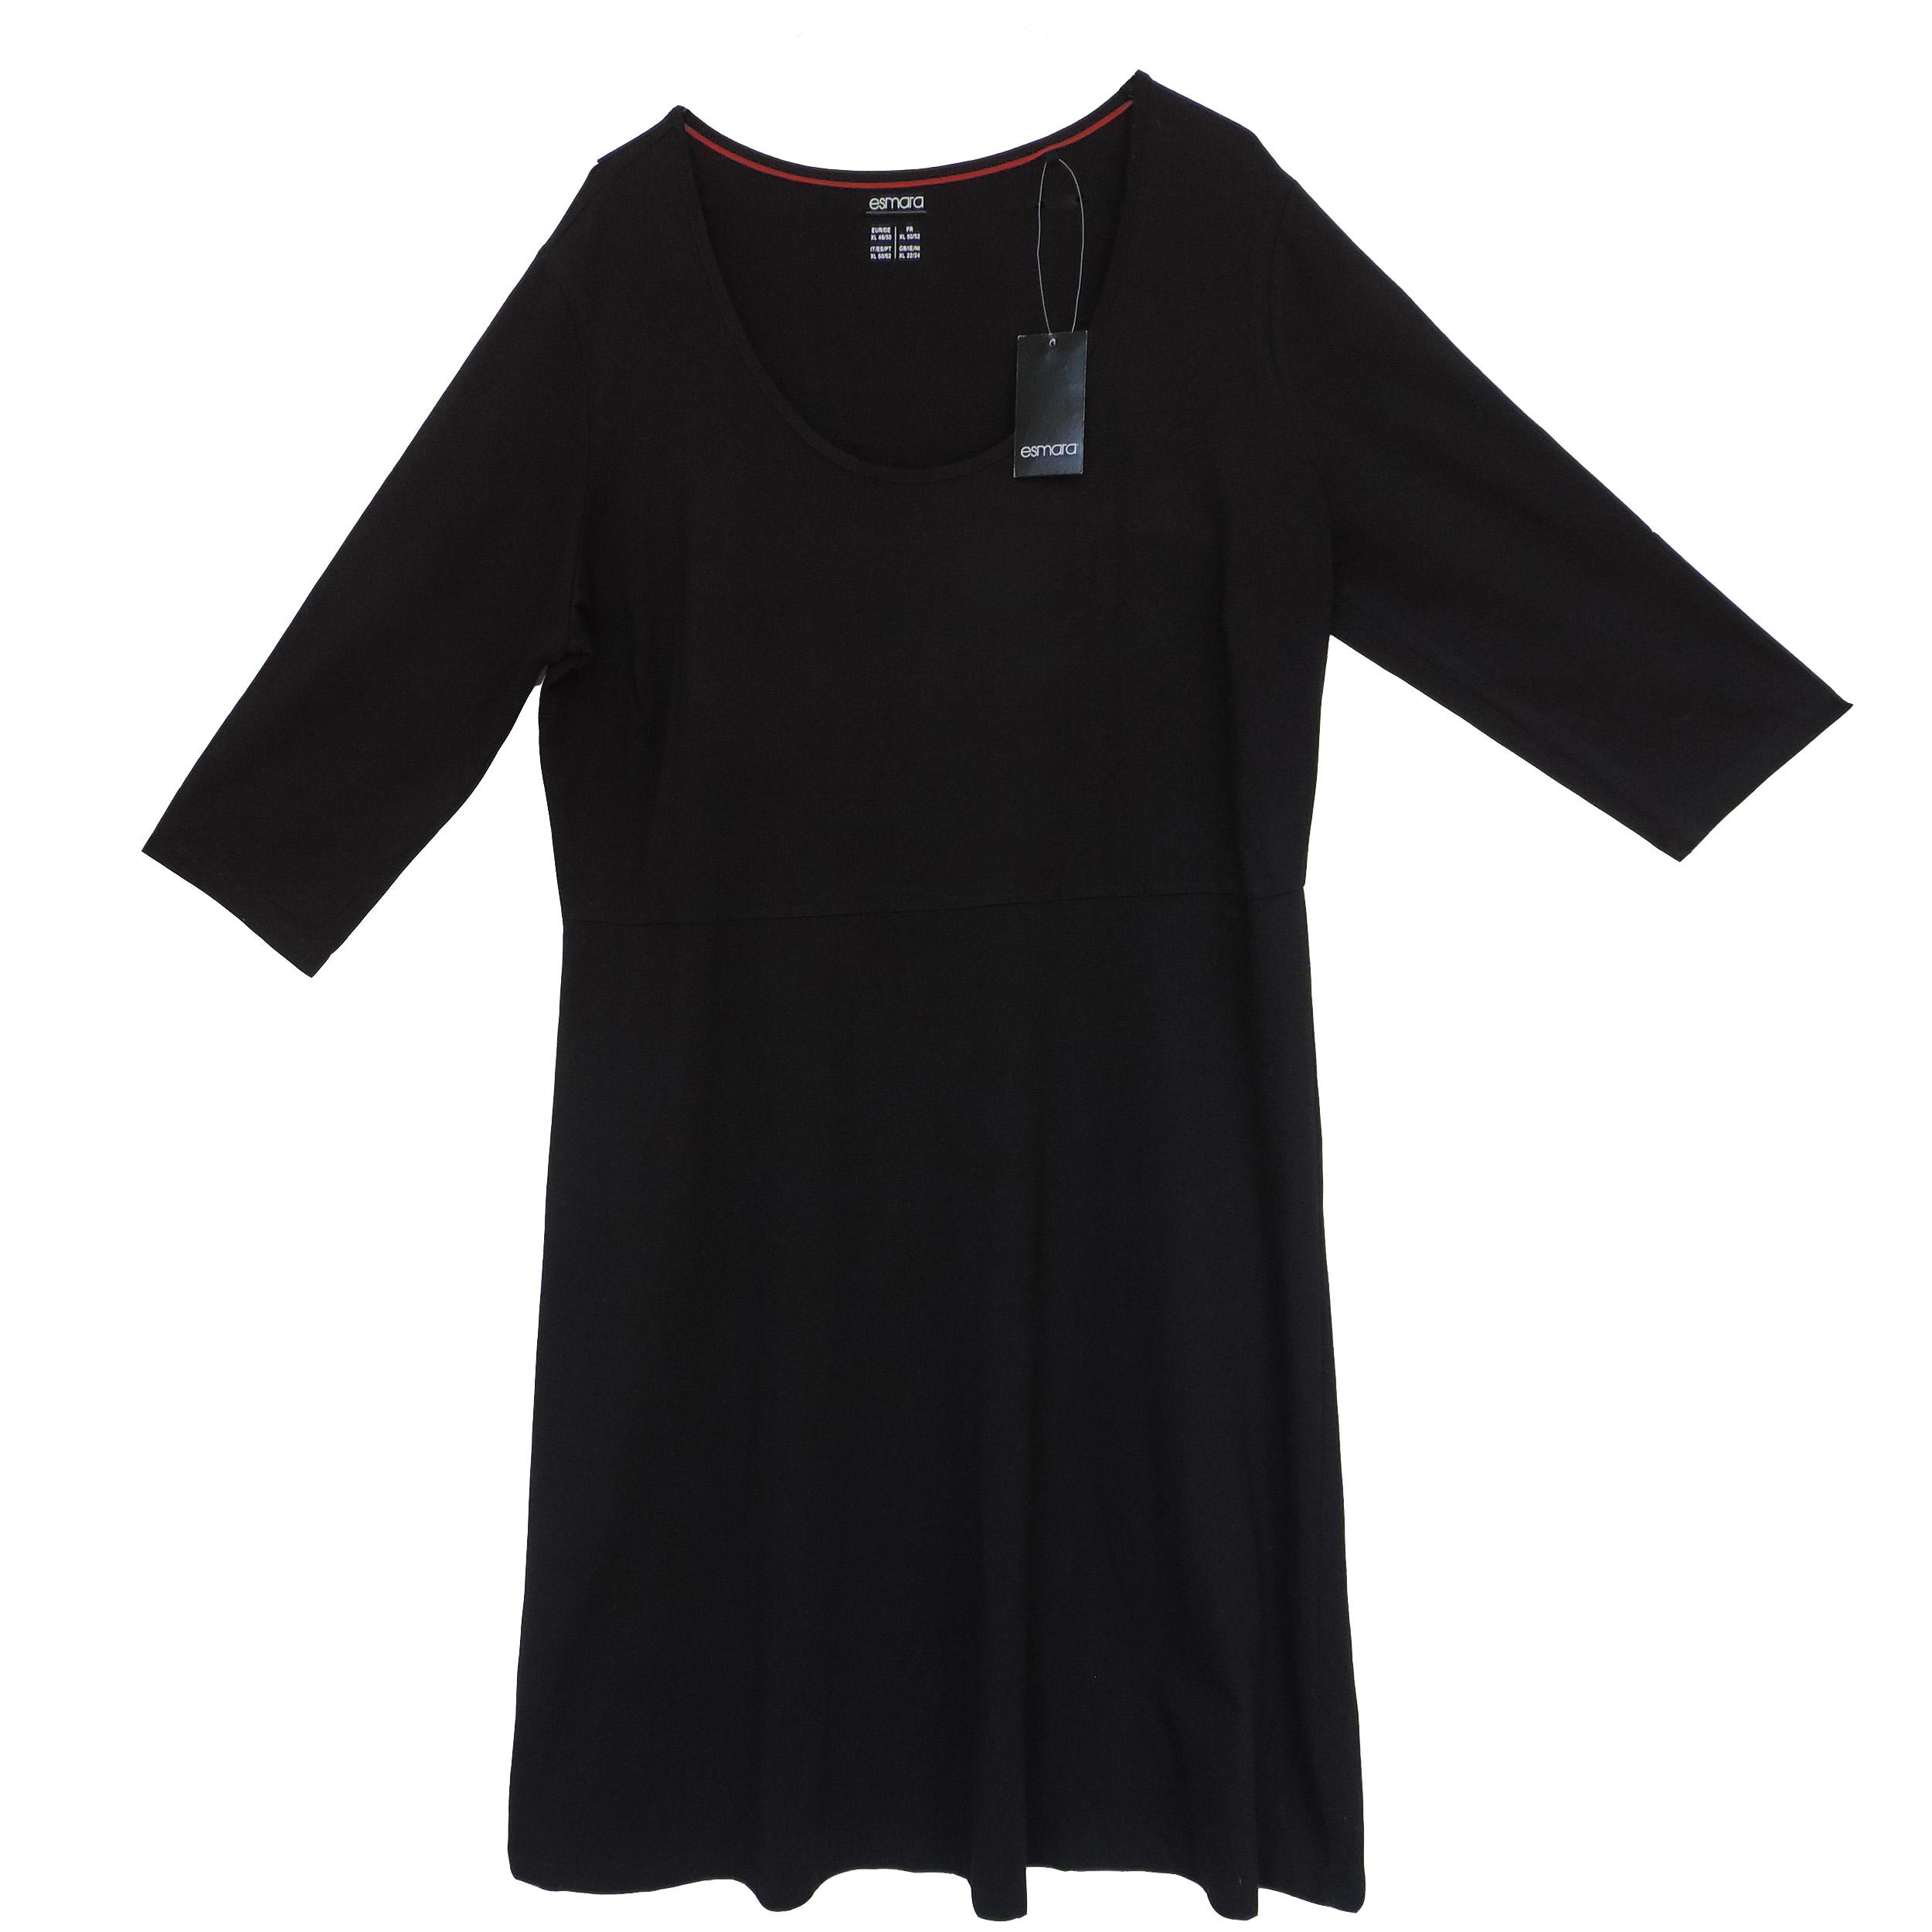 خرید                                      پیراهن زنانه اسمارا کد 2173